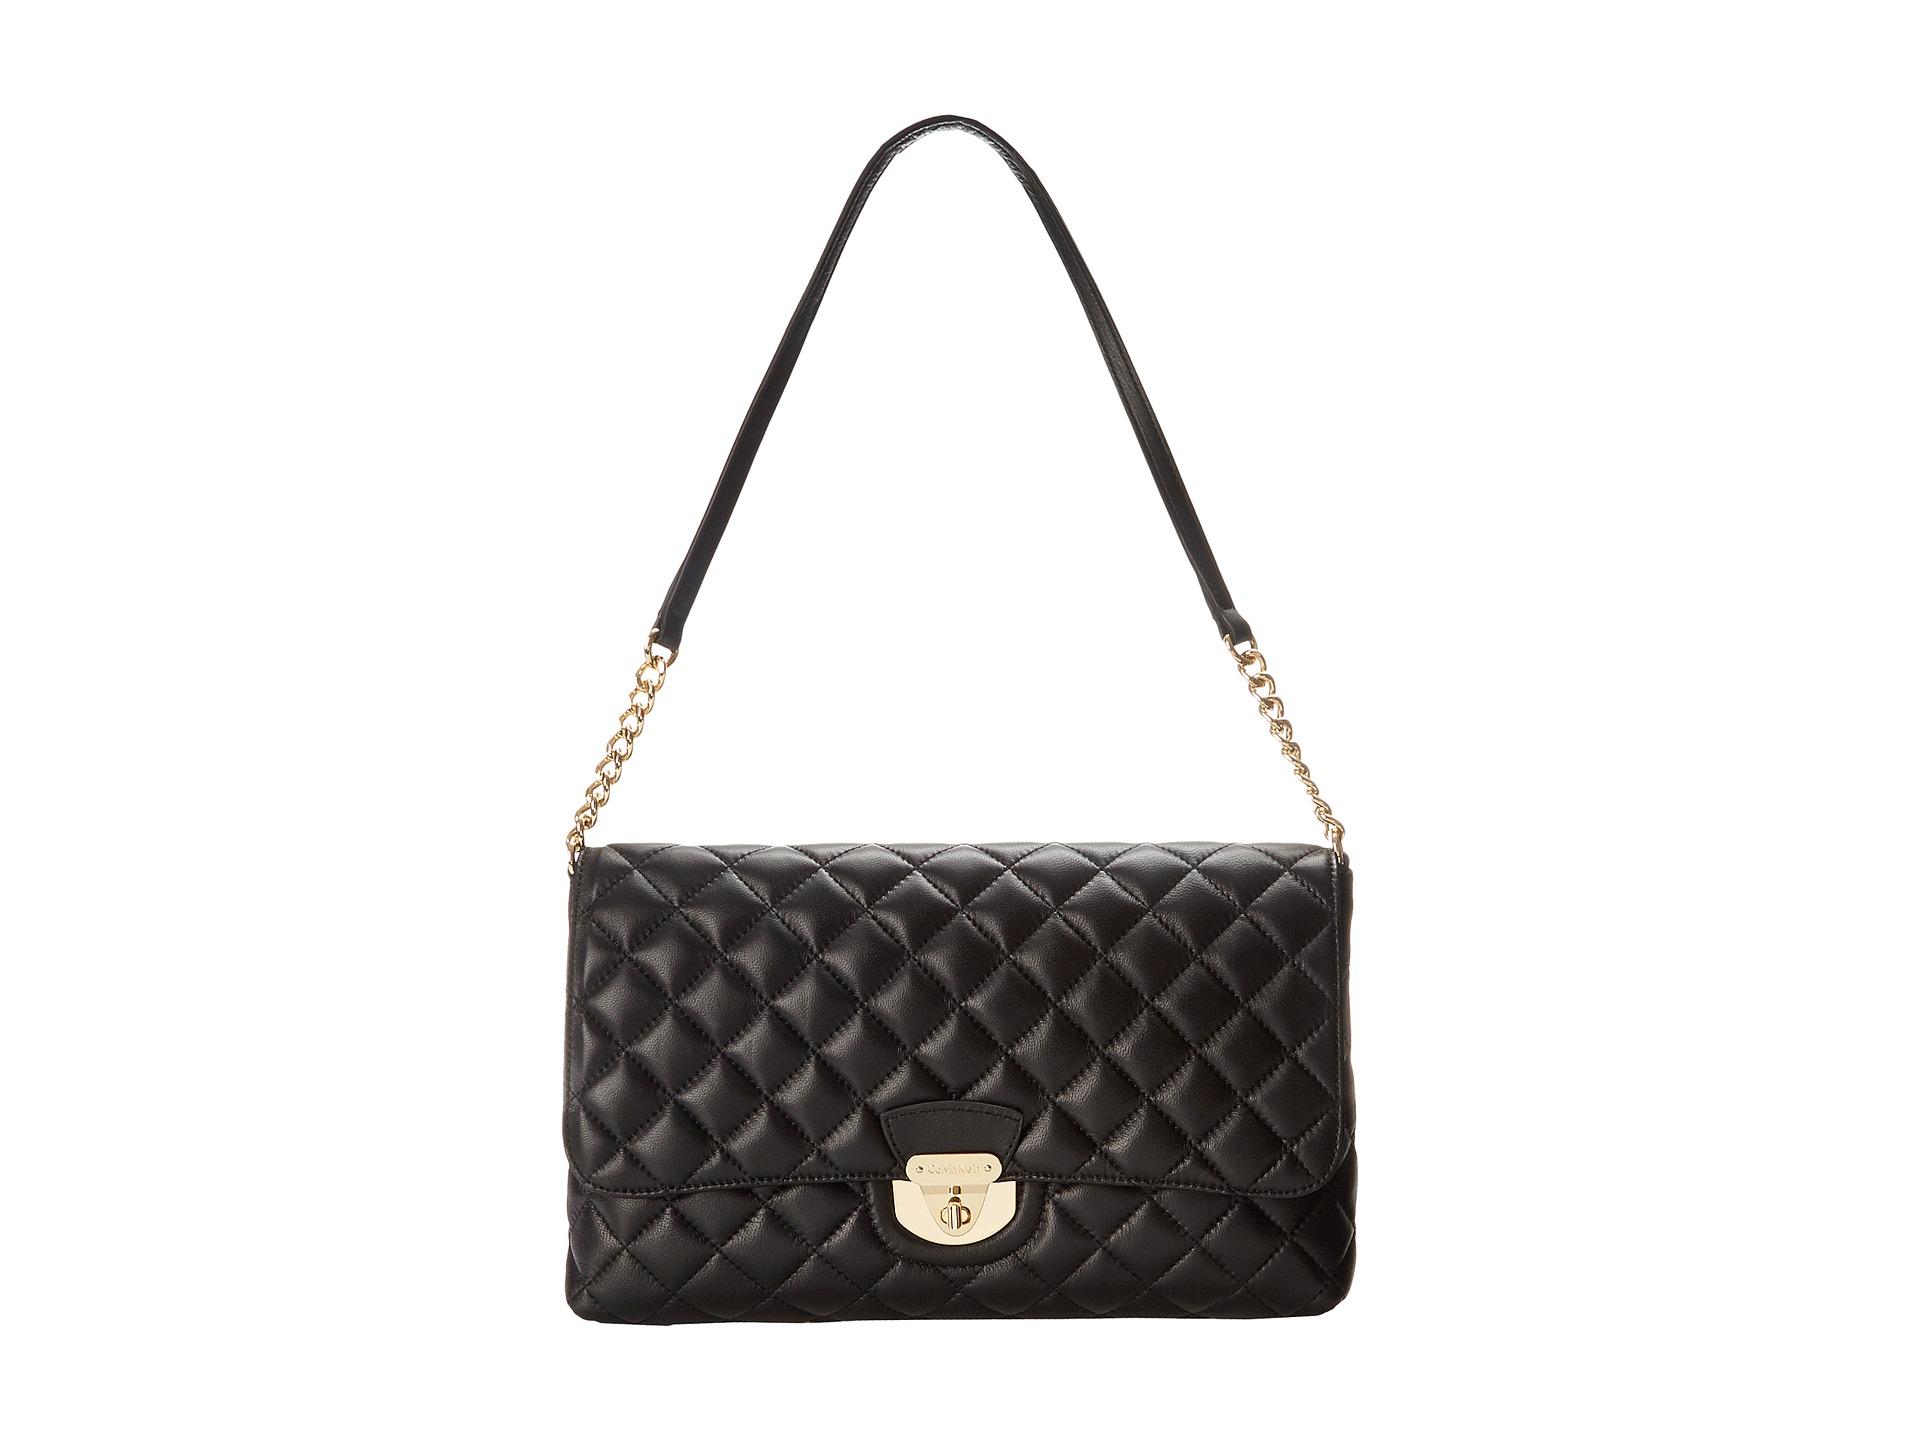 ff0acef05ef72 Lyst - Calvin Klein Lamb Shoulder Bag in Black